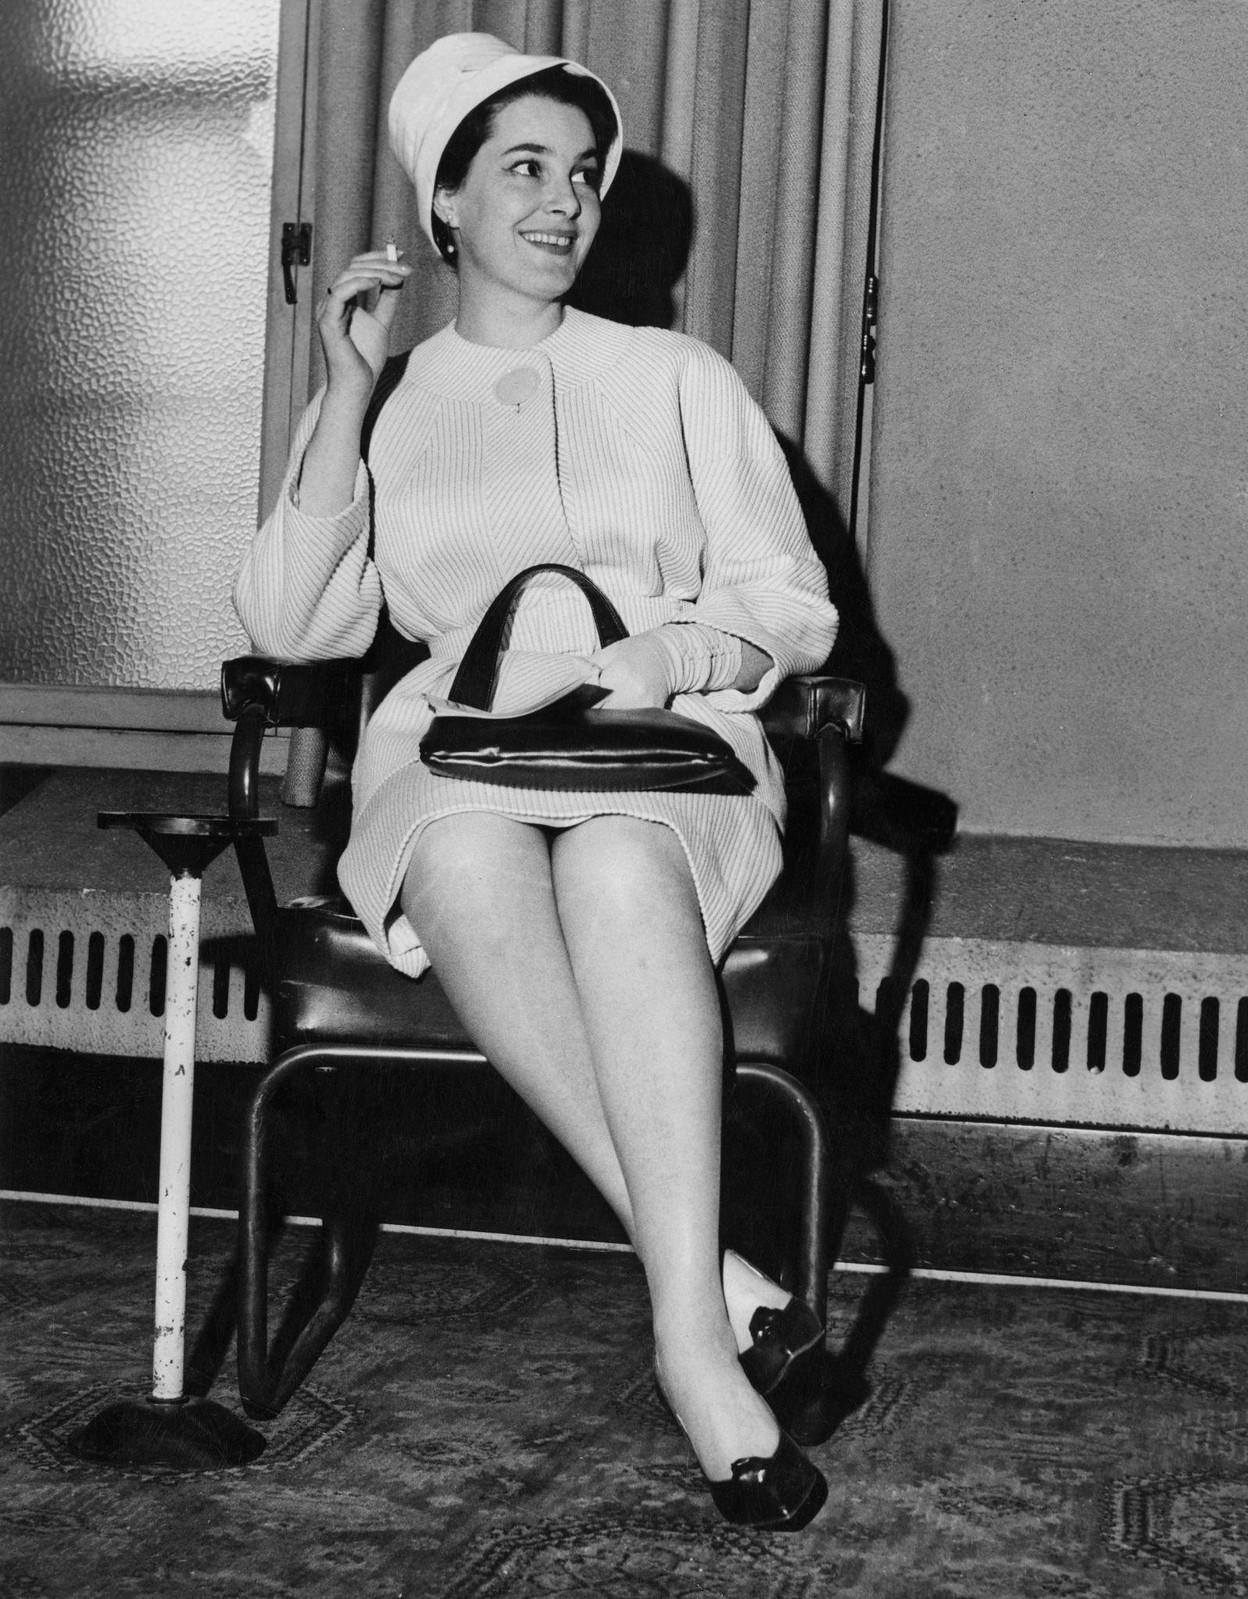 1961. Актриса Элина Быстрицкая на пресс-конференции в Лондоне в качестве гостя Британского общества советской дружбы, 16 мая